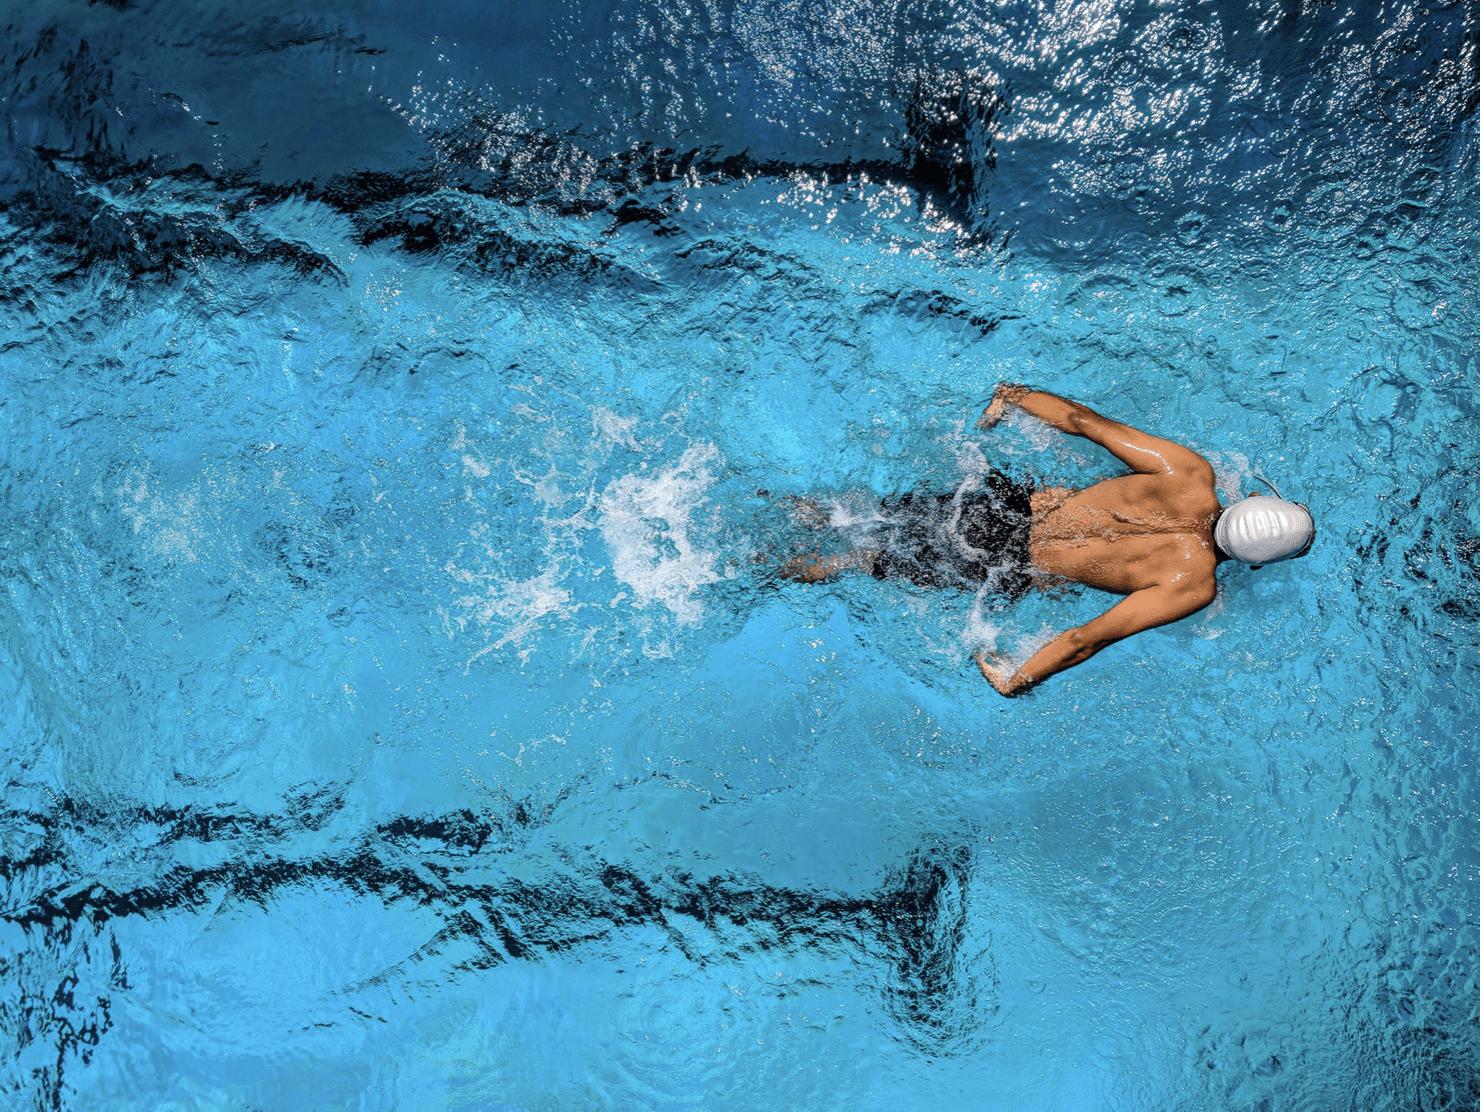 Man Swimming in pool lane